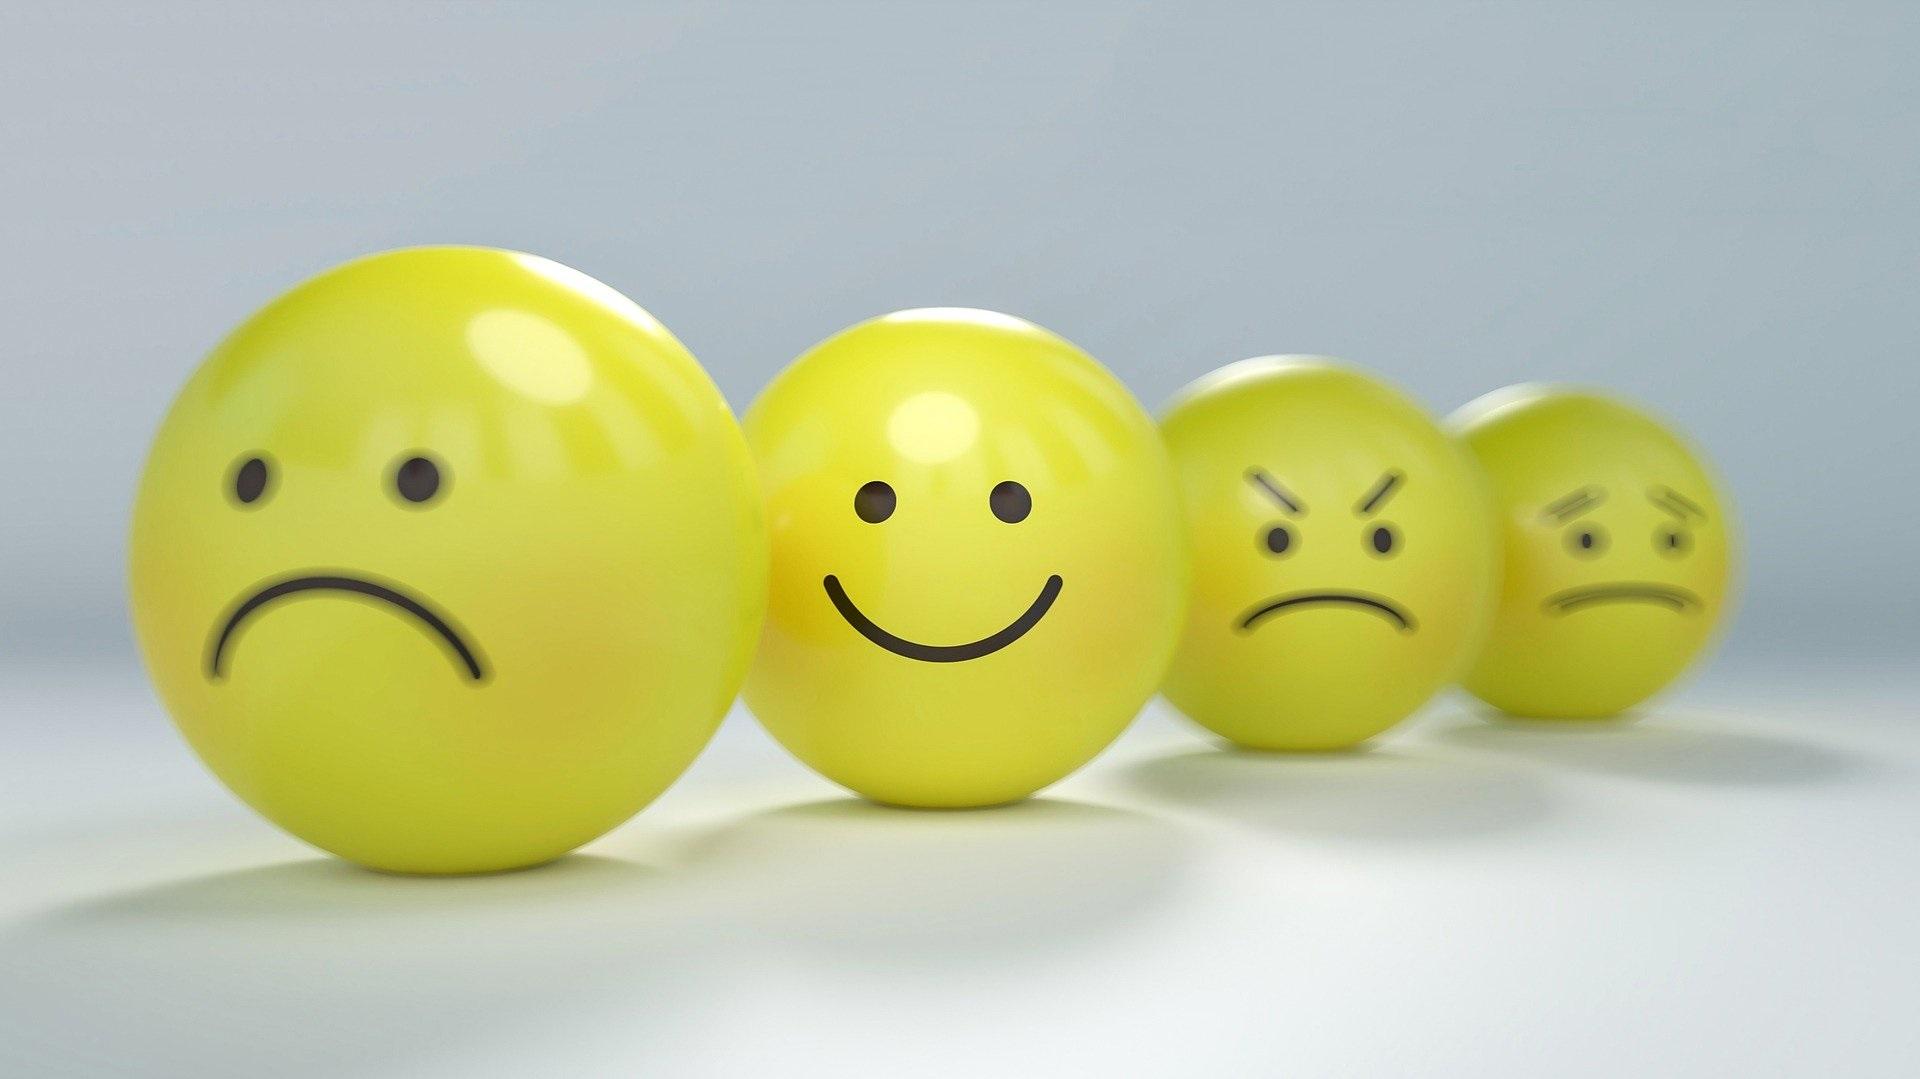 el mundo de las emociones